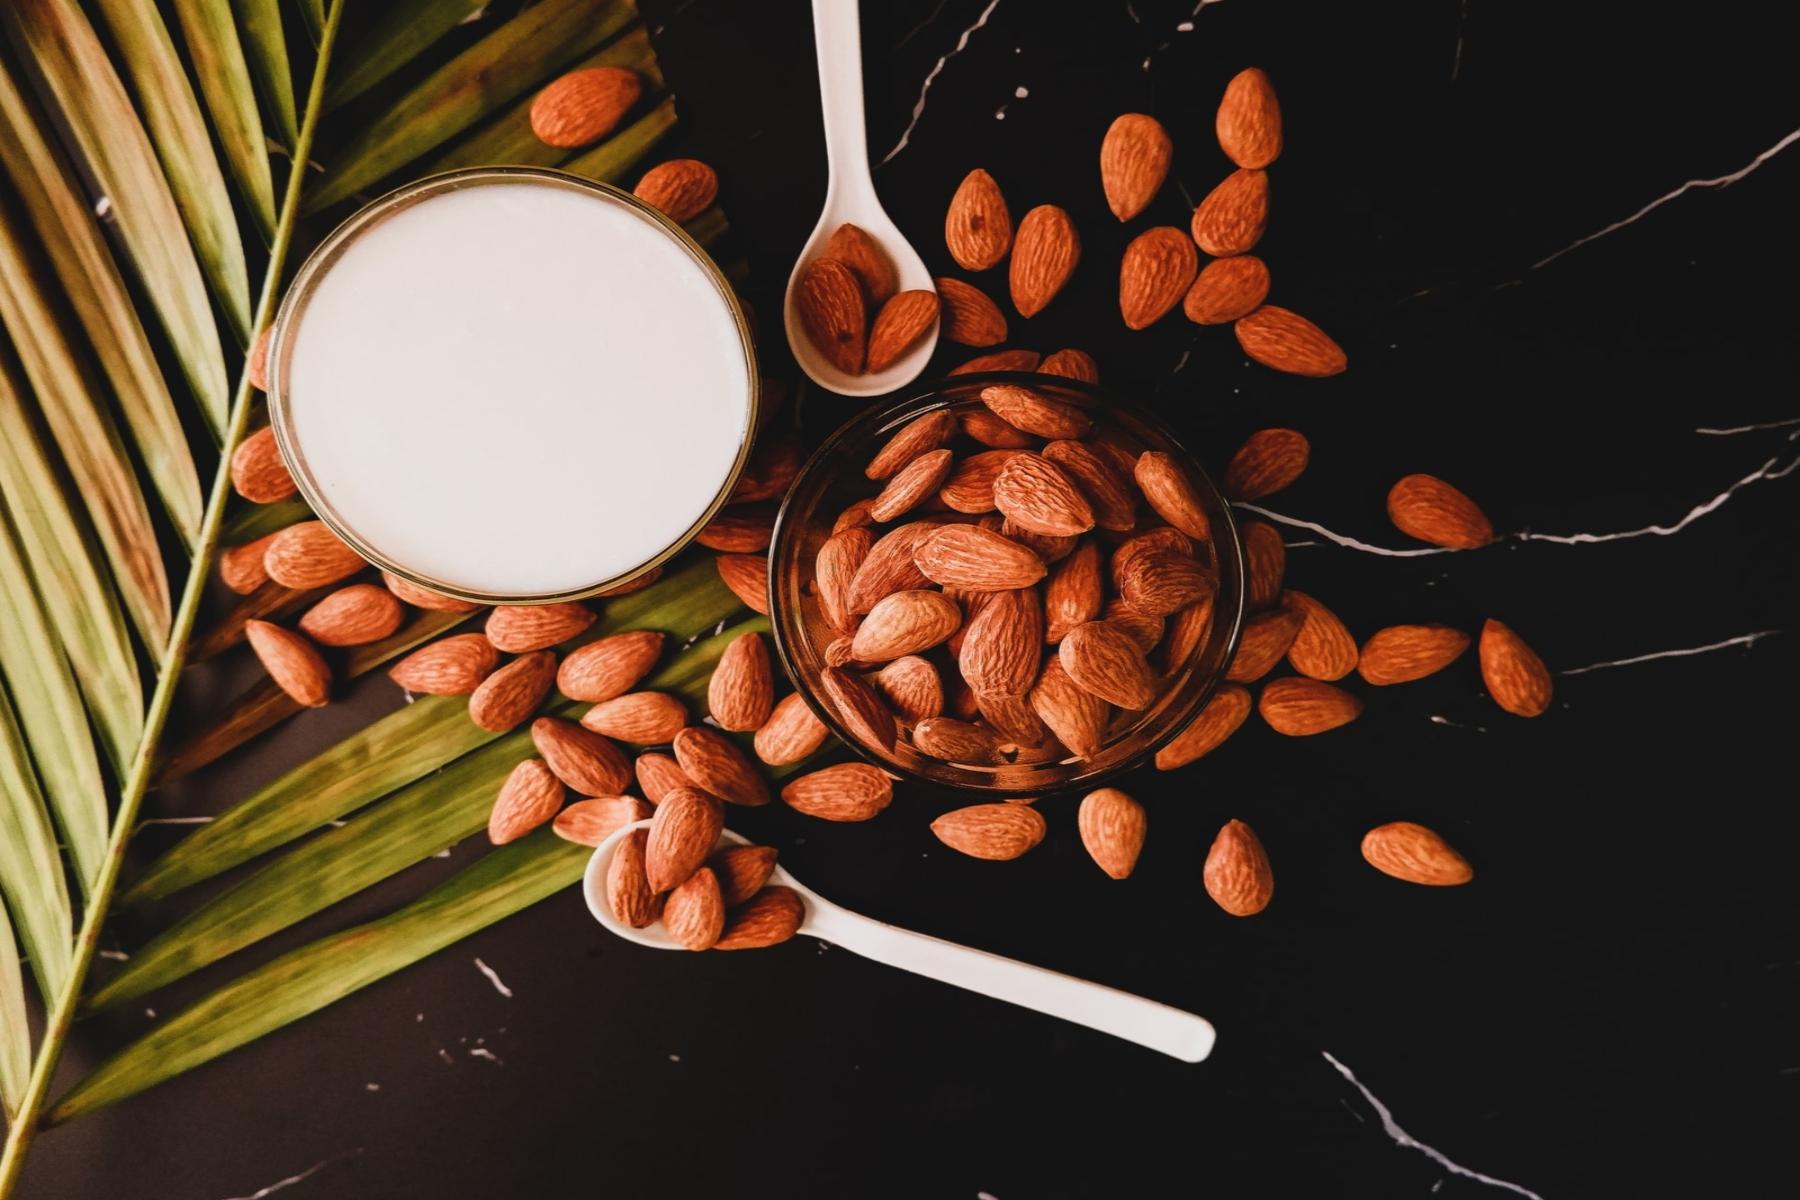 Αμύγδαλο γάλα DIY: Πώς να φτιάξετε γάλα αμυγδάλου εύκολα στο σπίτι